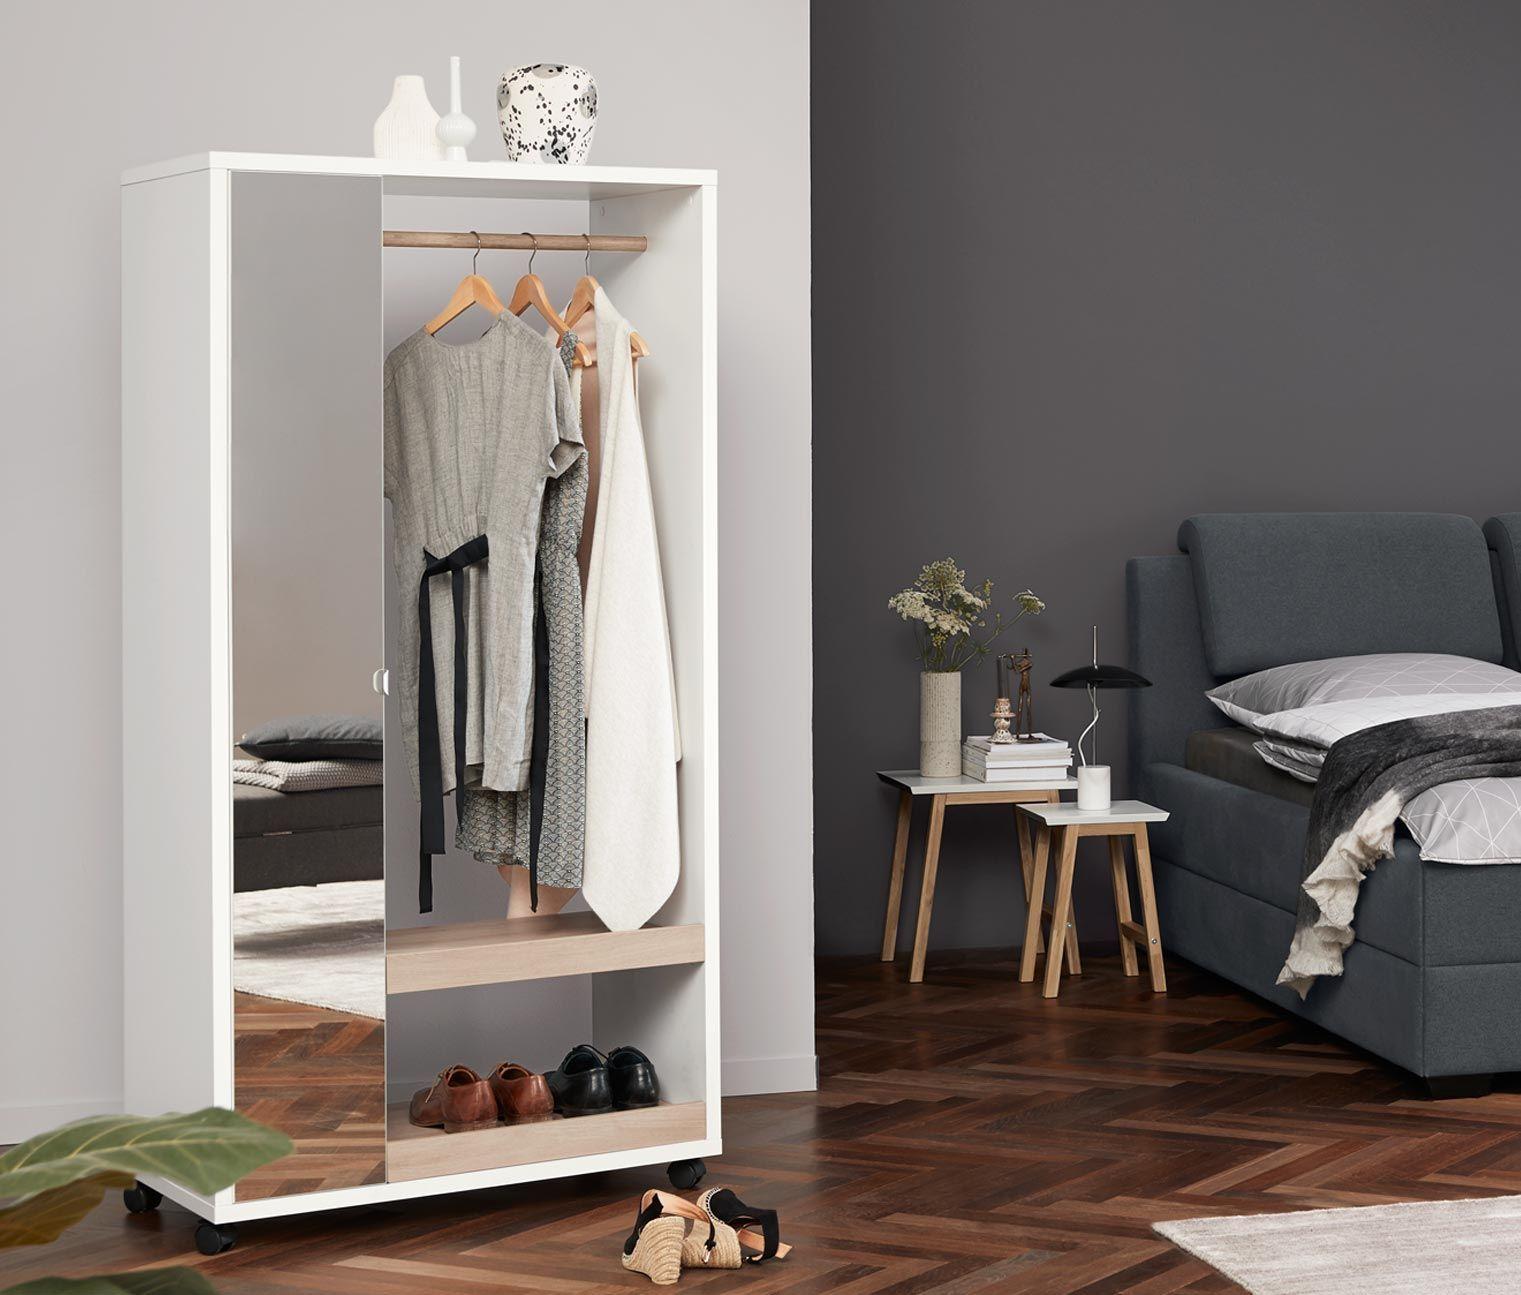 Mobile Spiegelschrank Garderobe Online Bestellen Bei Tchibo 365087 Spiegelschrank Haus Deko Schrank